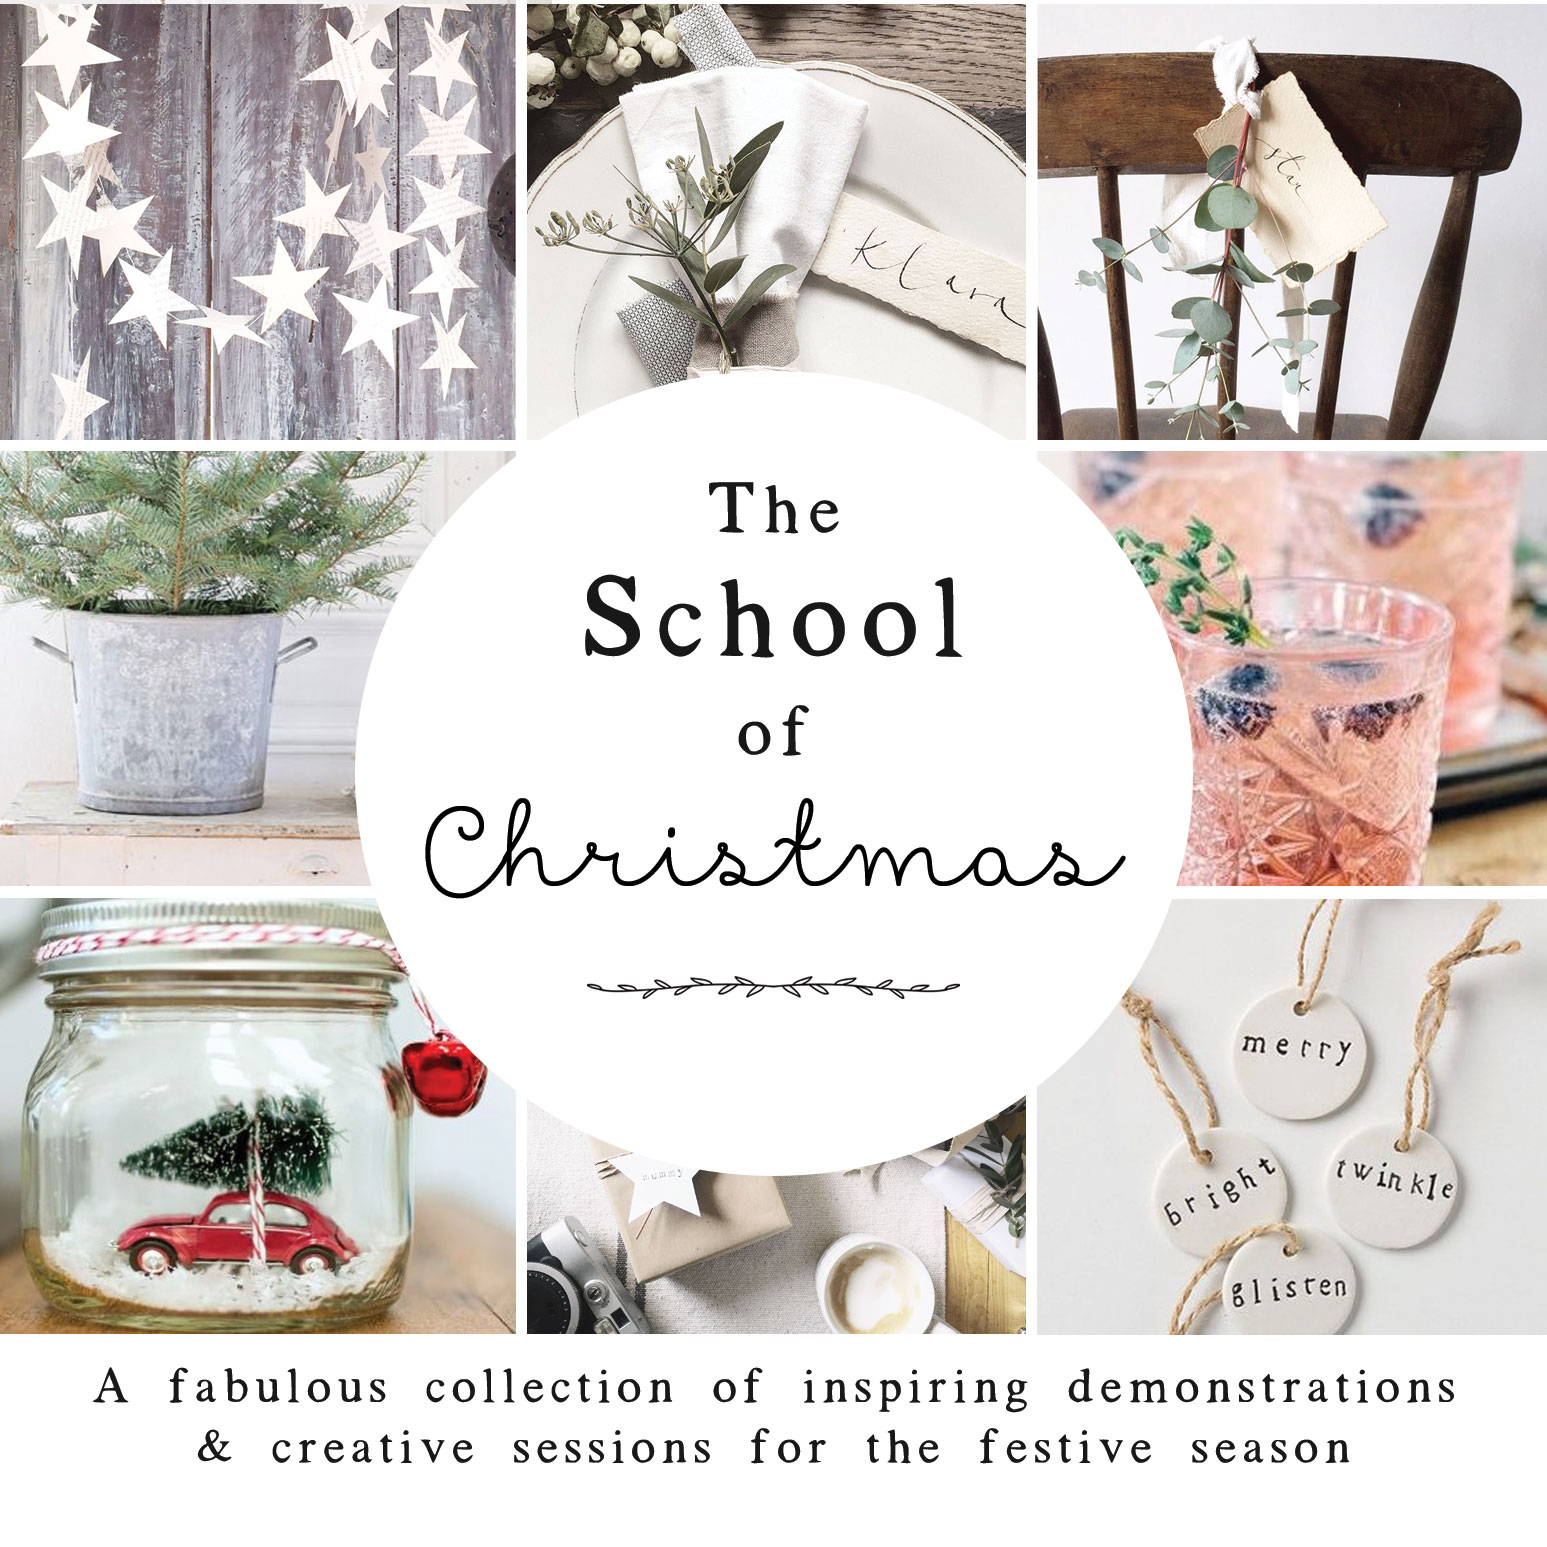 school of christmas derbyshire workshop festive derby